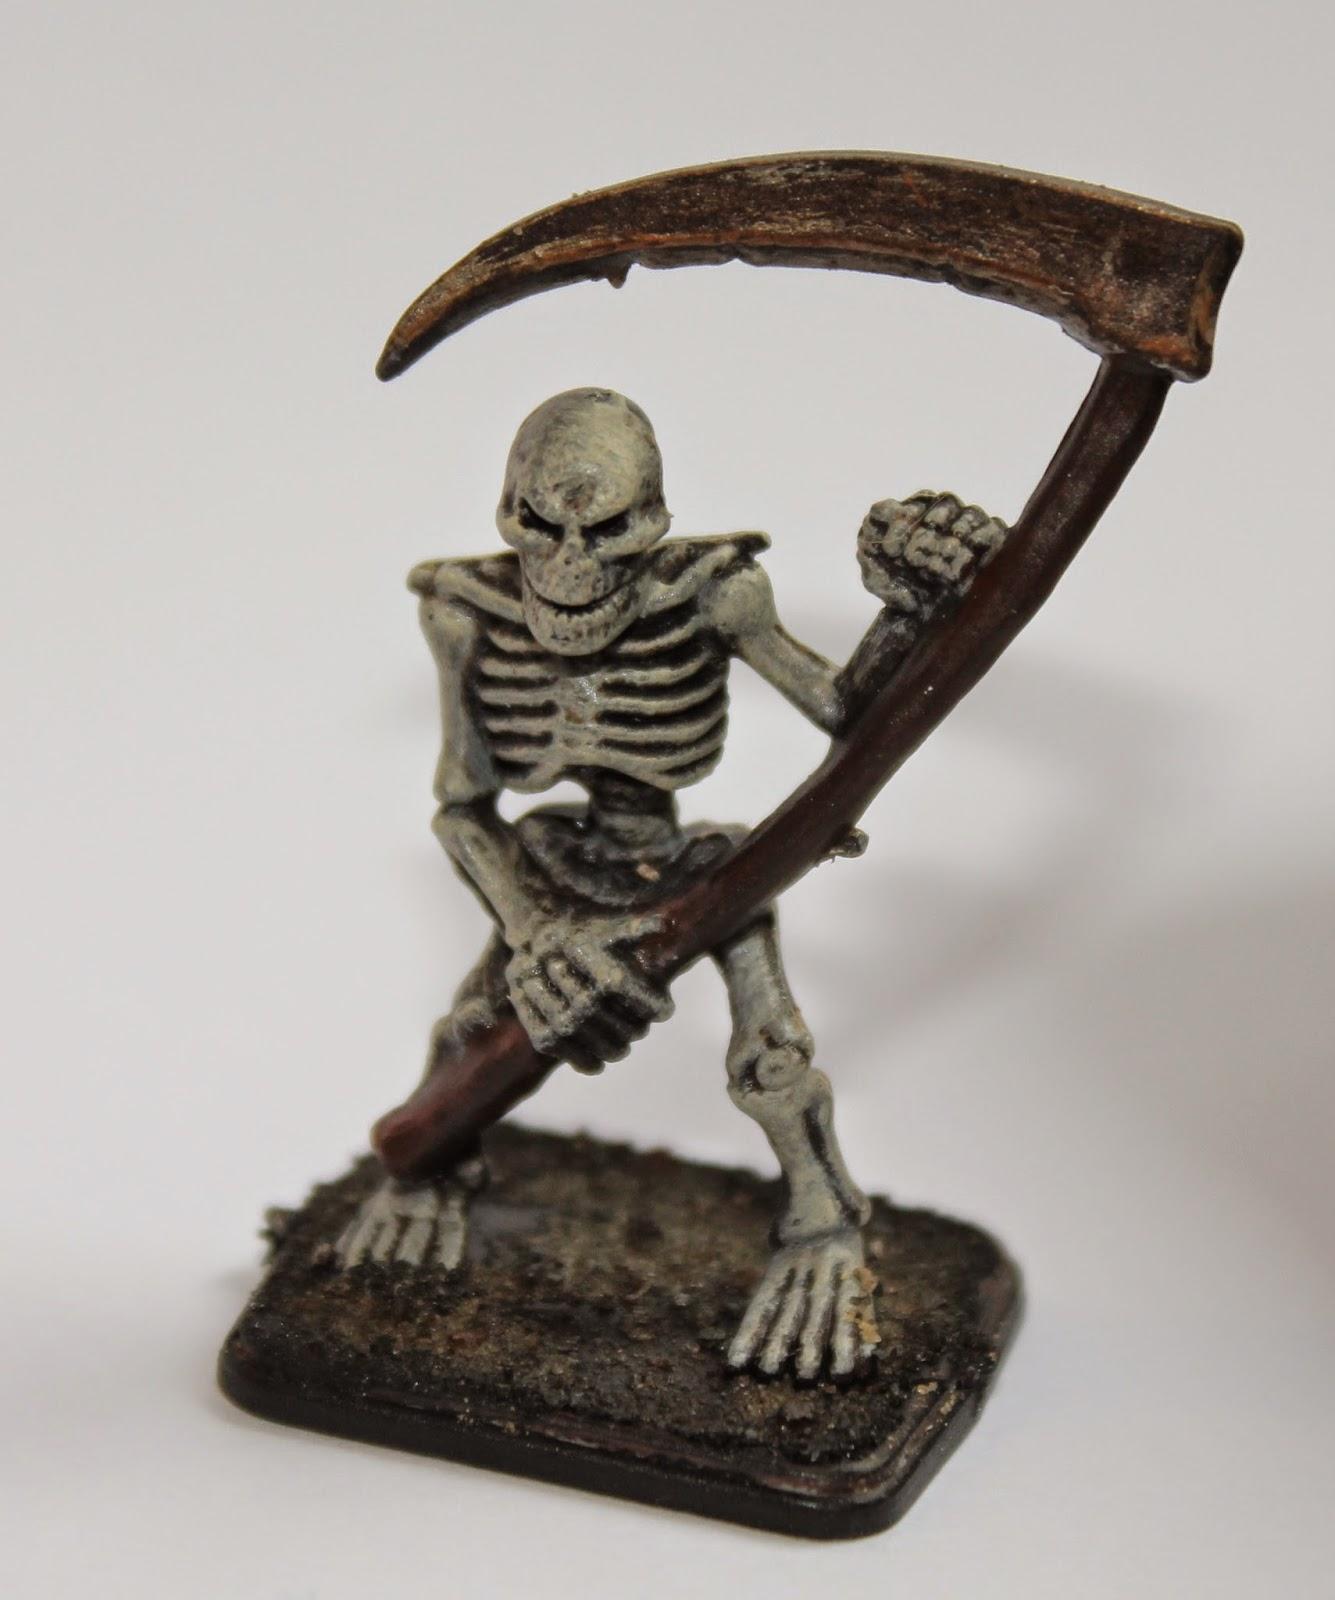 Heroquest Skeleton